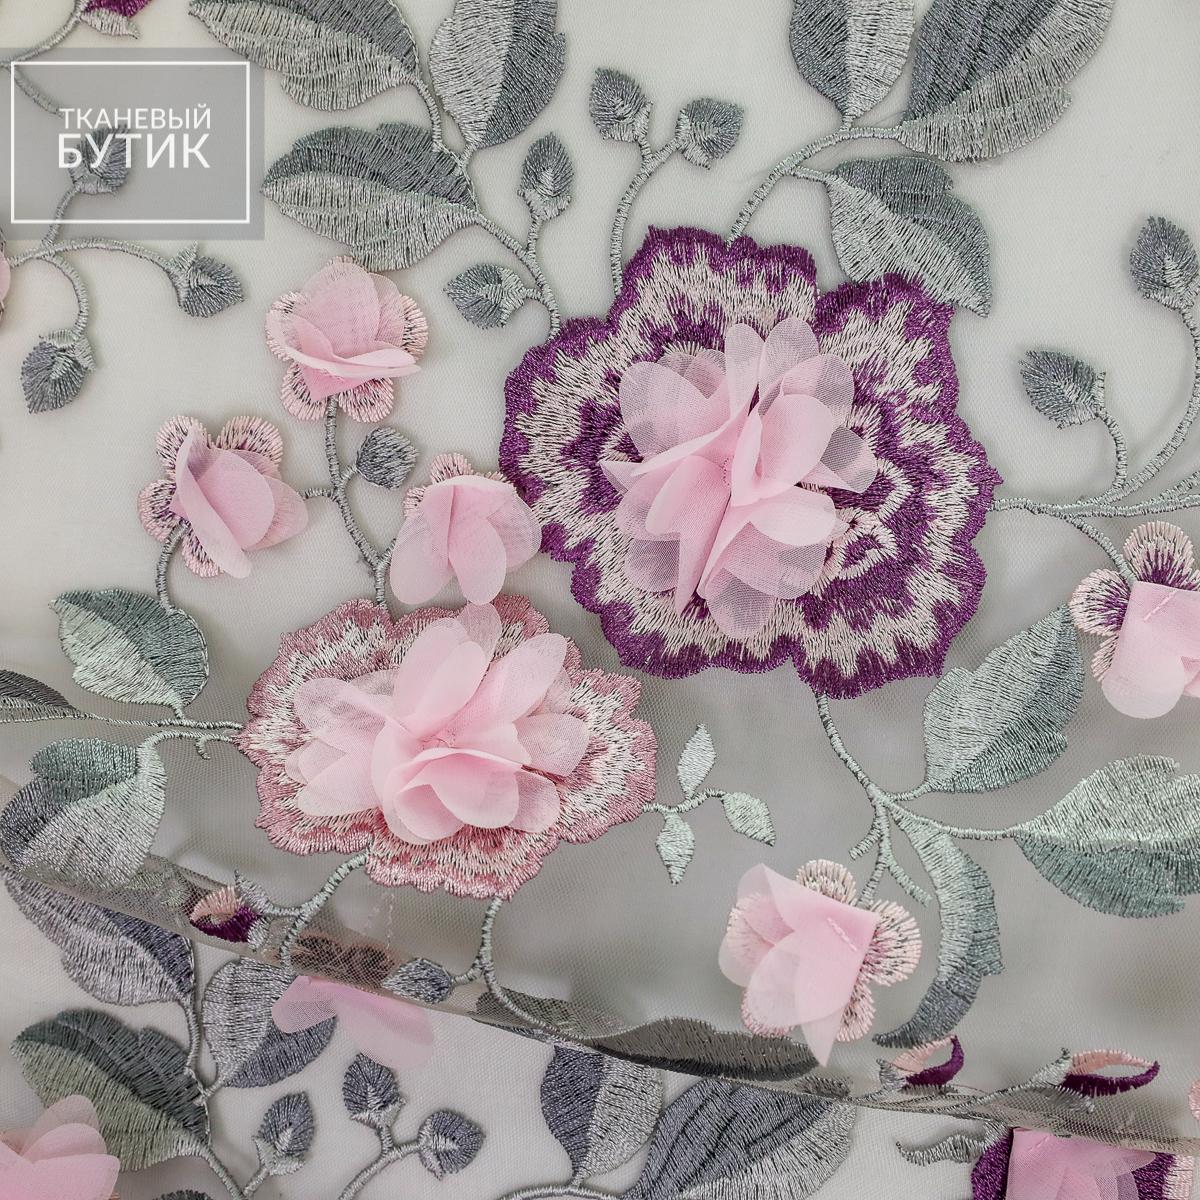 Вышивка розовыми цветами по серой сетке